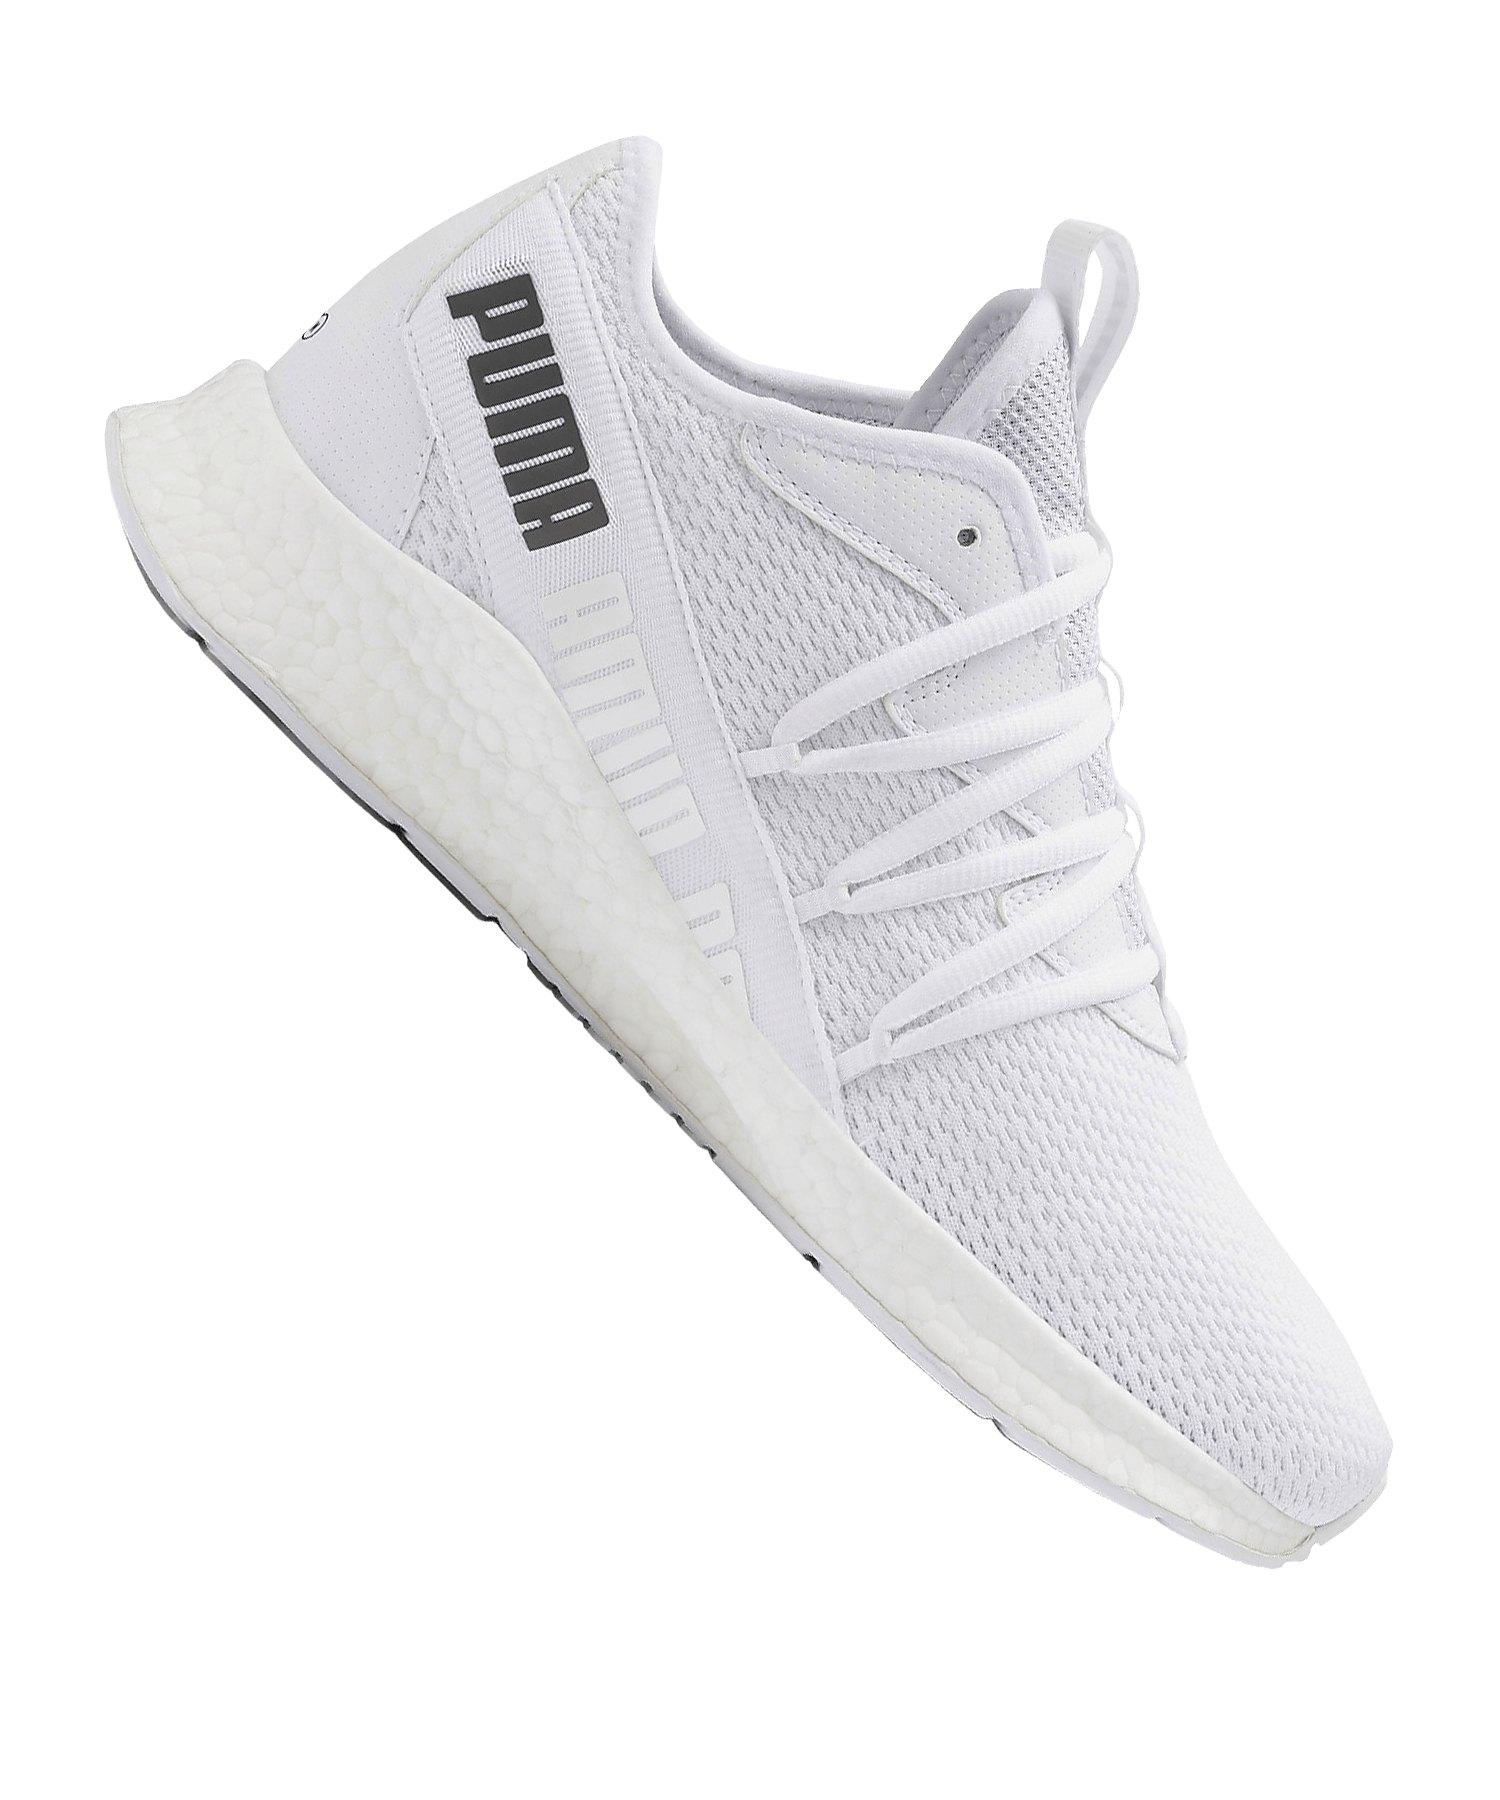 PUMA NRGY Star Sneaker Weiss F02 - weiss